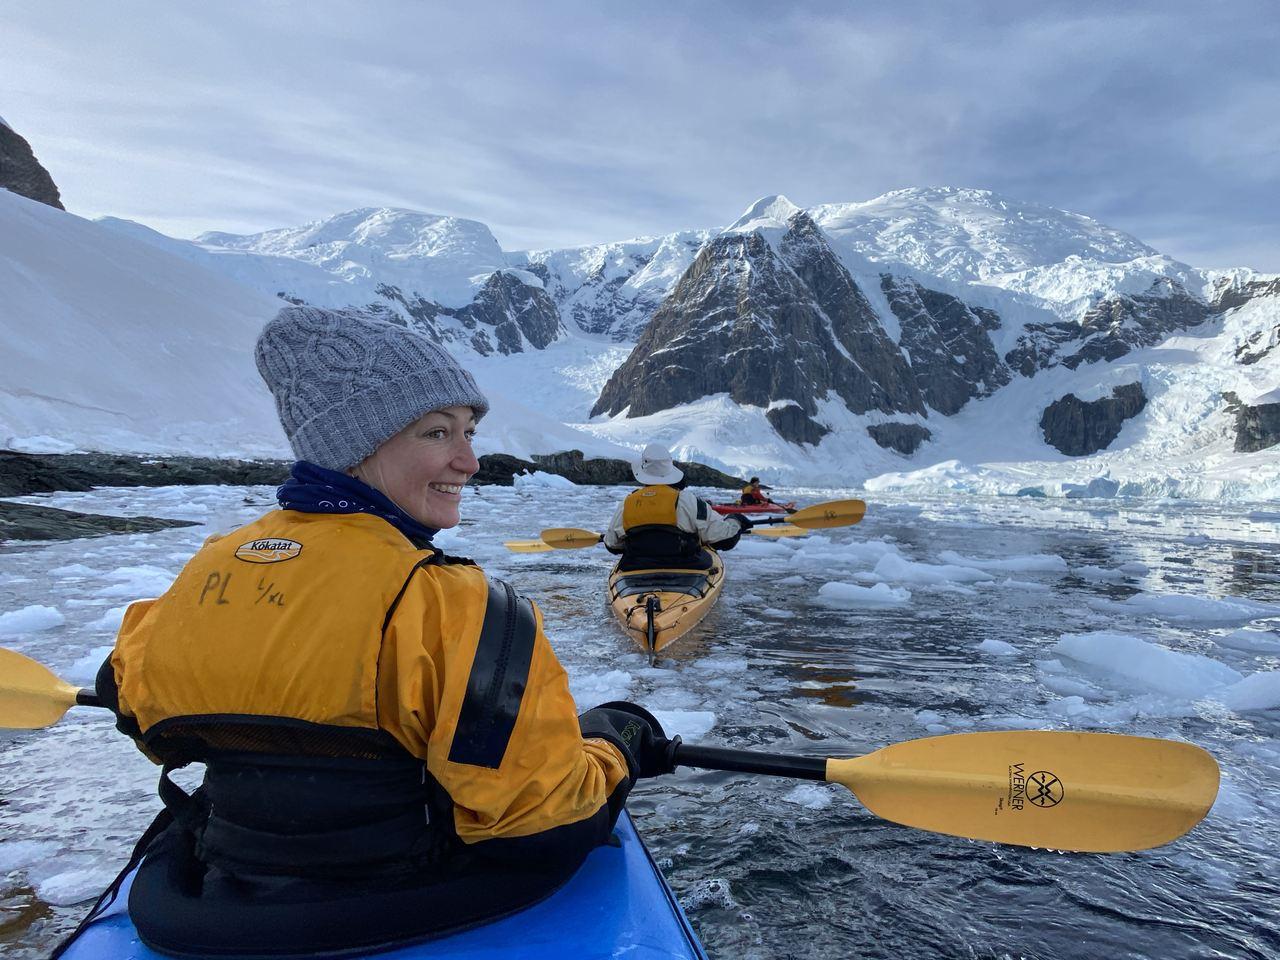 Kayaking through ice in the Antartica